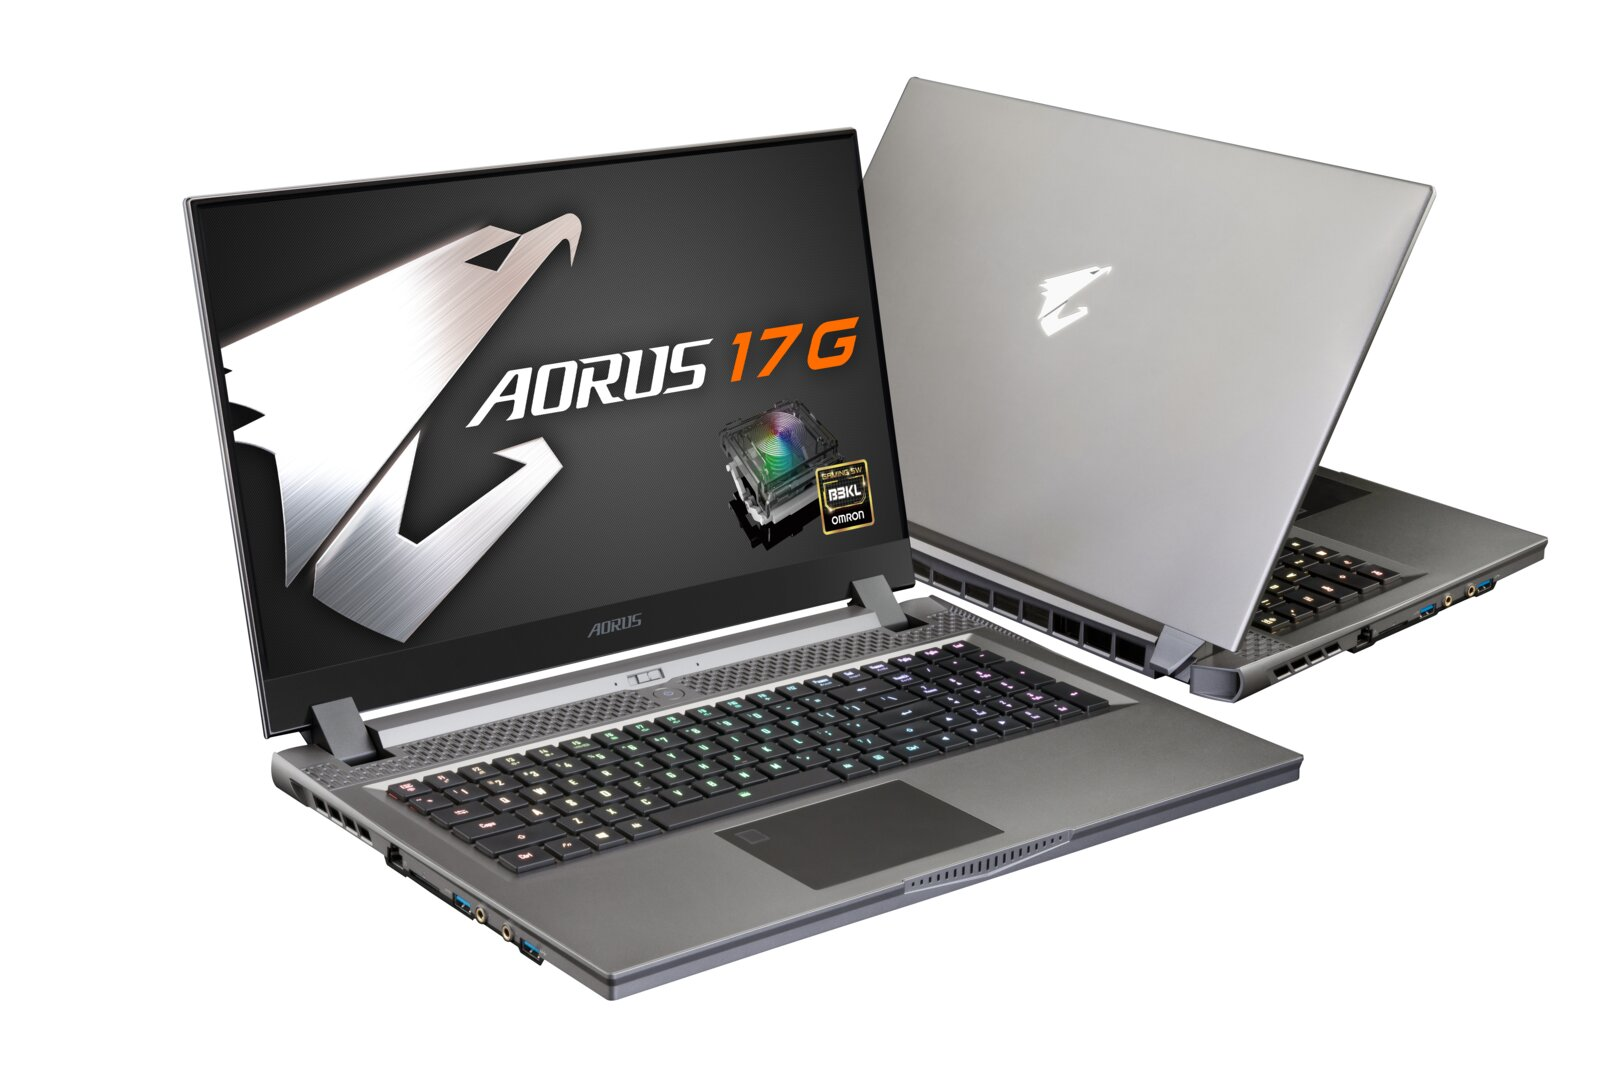 Gigabyte Aorus 17G